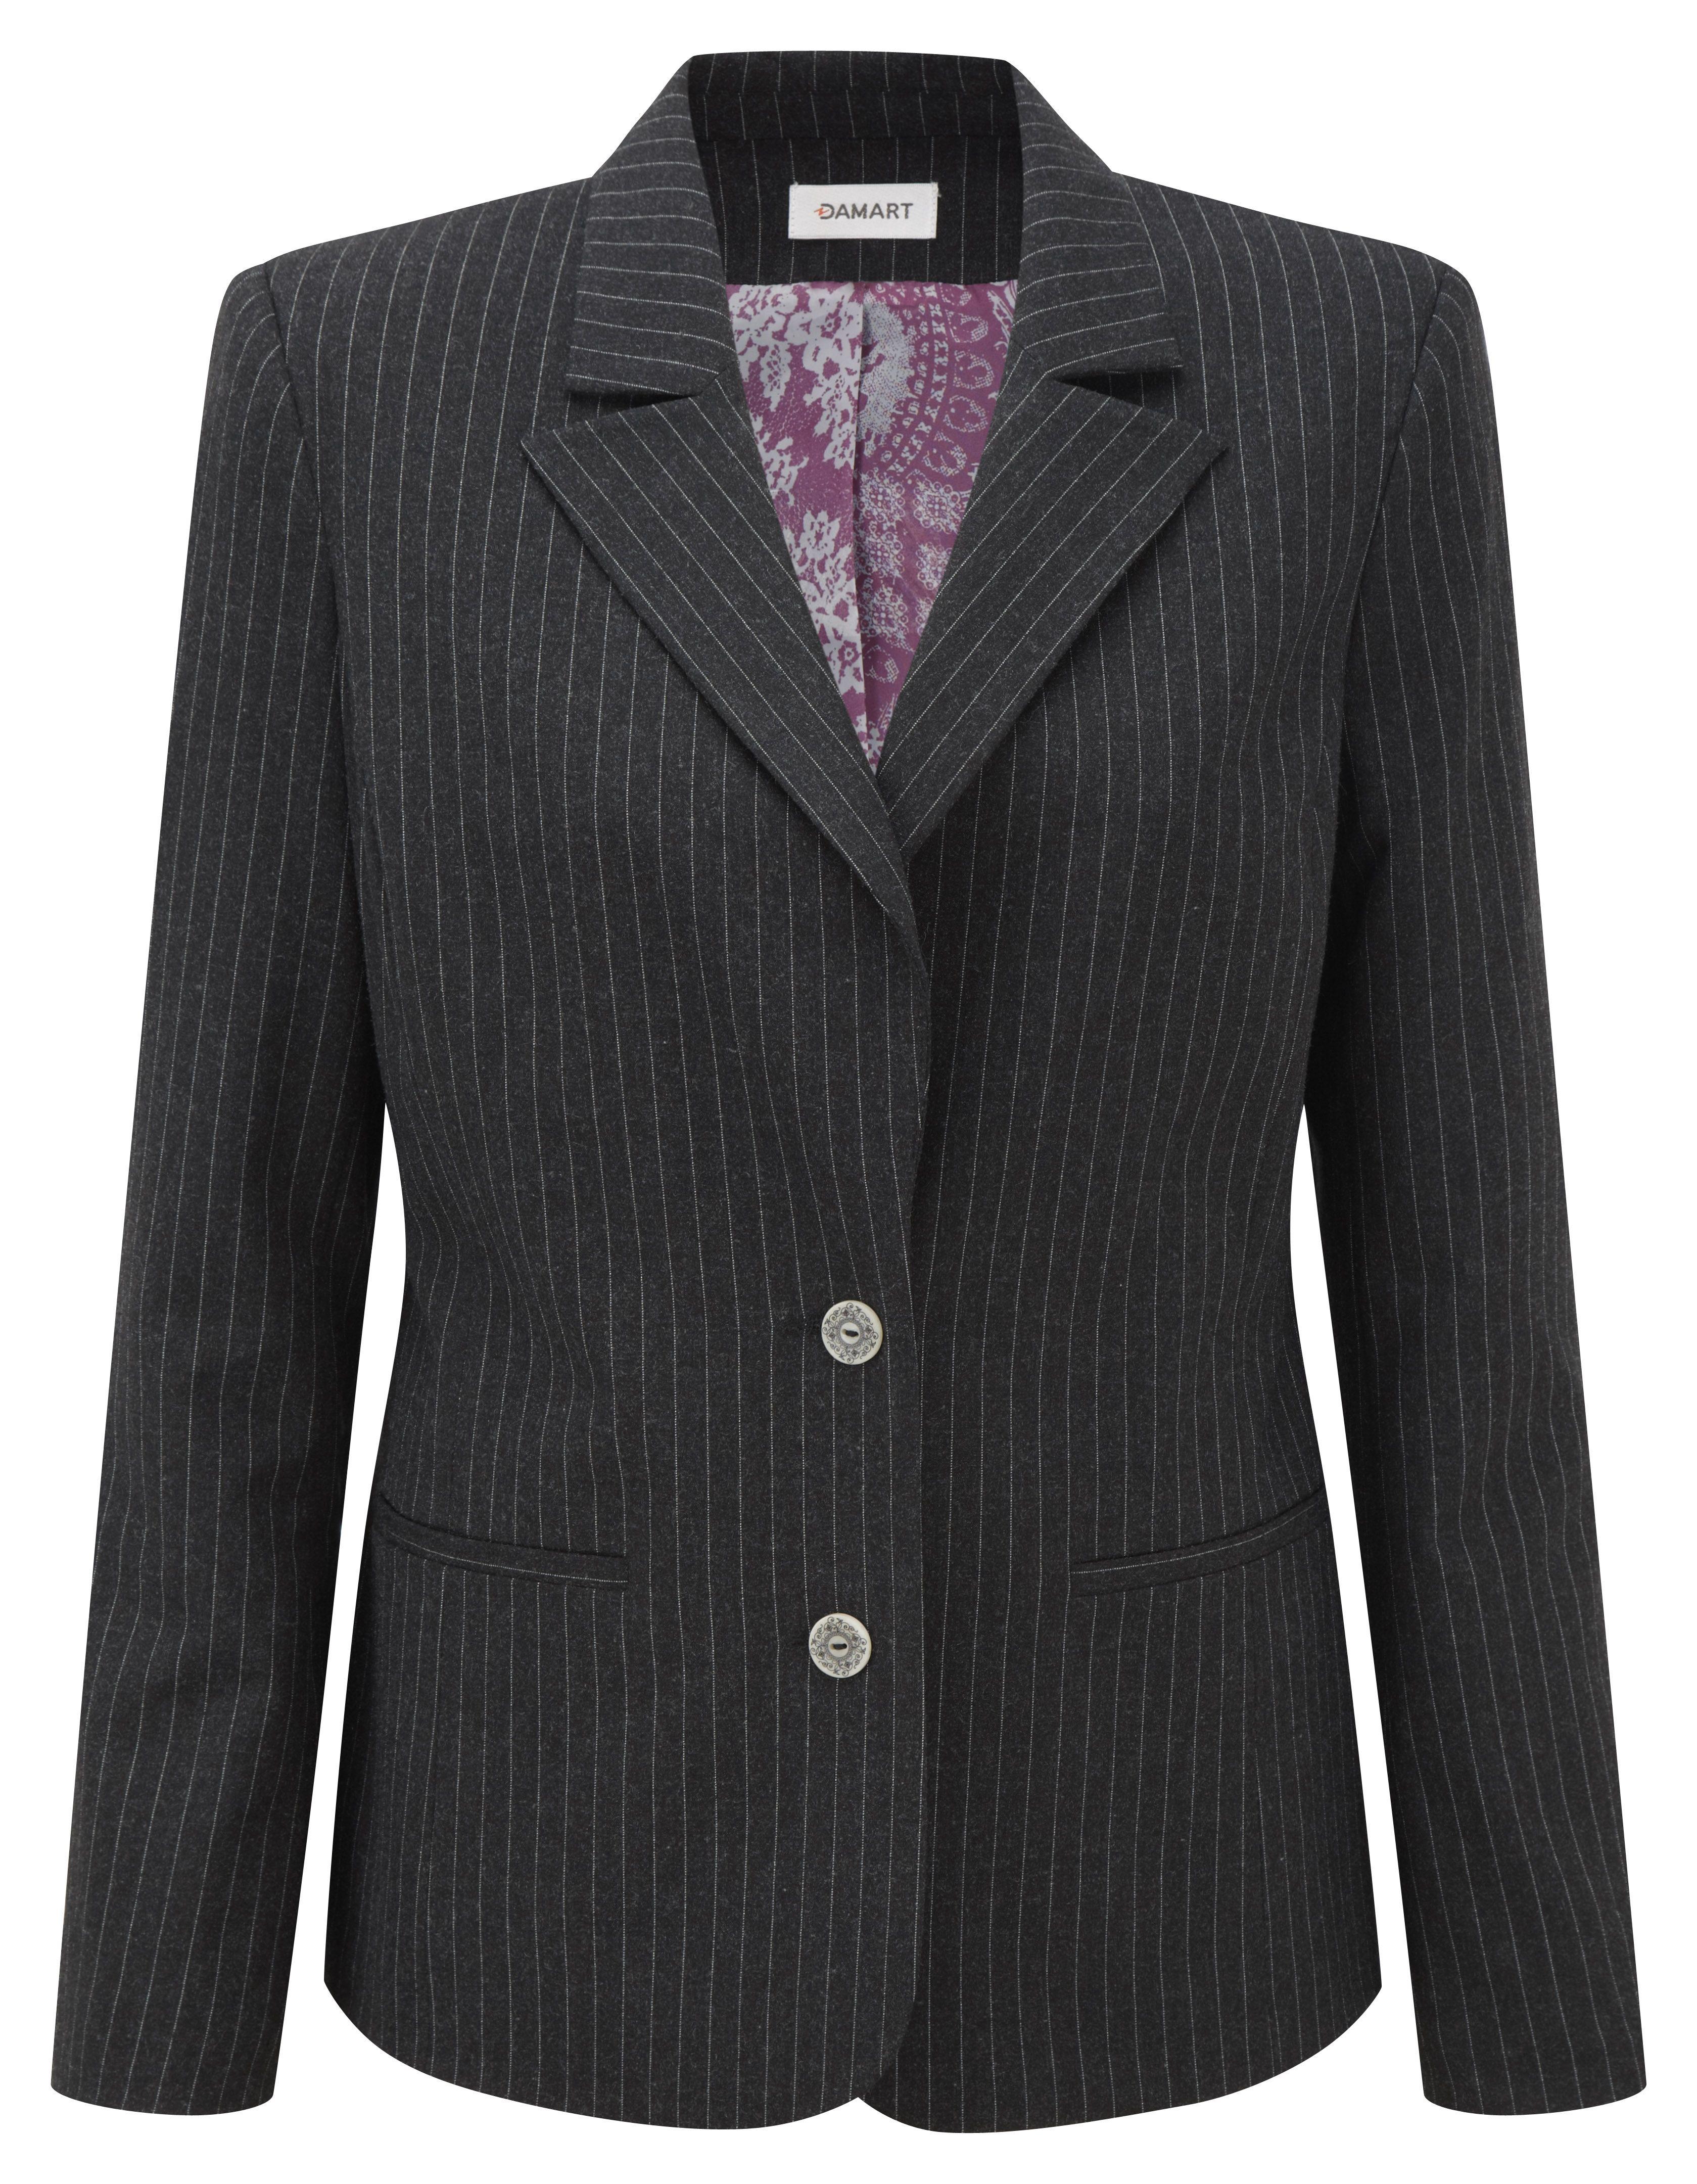 Damart Charcoal Stripe Tailored Jacket Product Code B490 Www Damart Co Uk Jackets Wool Coat Women Jackets For Women